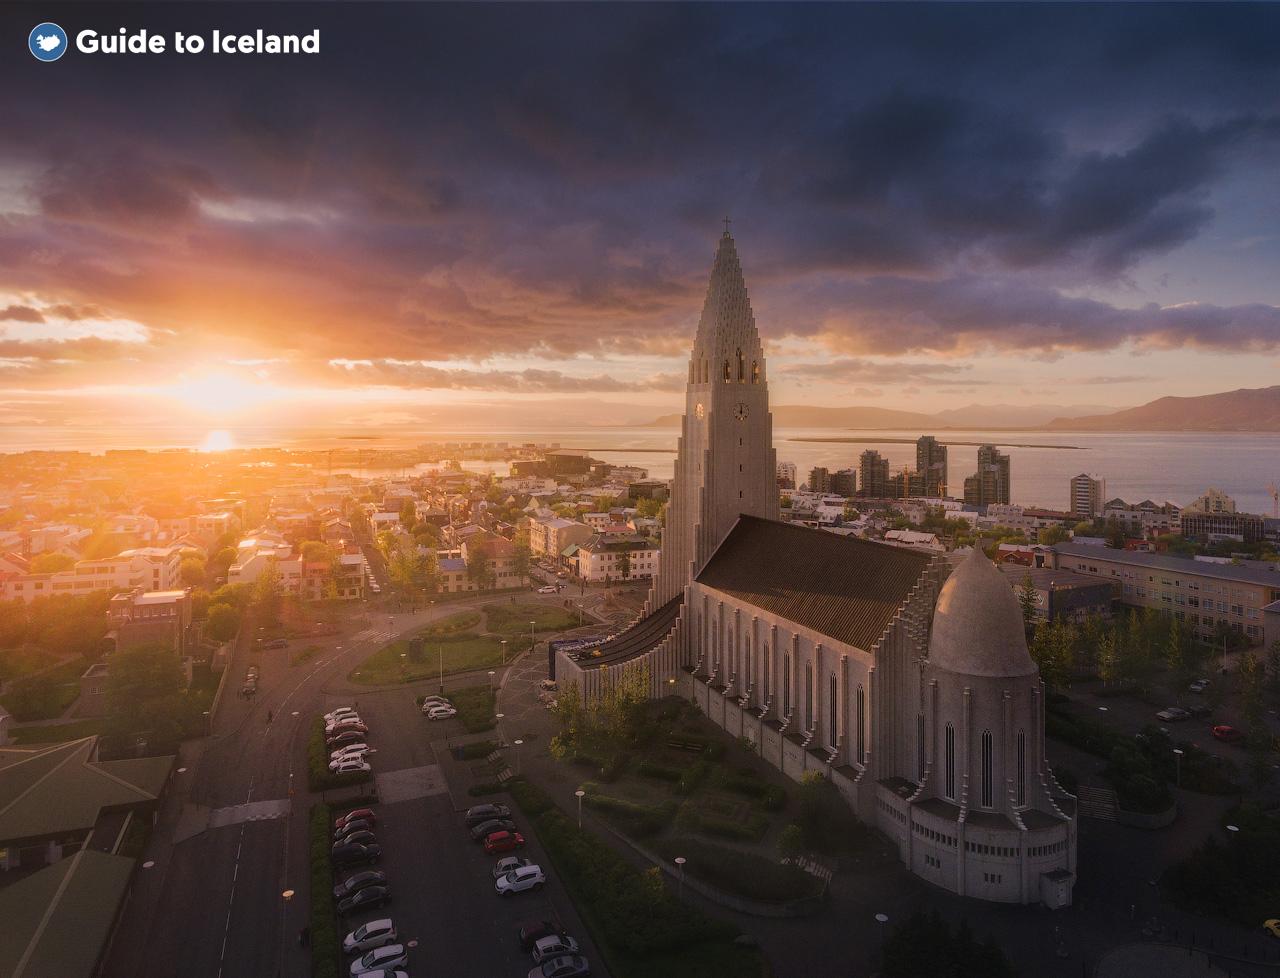 Islands hovedstad, Reykjavík, er berømt for sine flerfarvede tagterrasser.